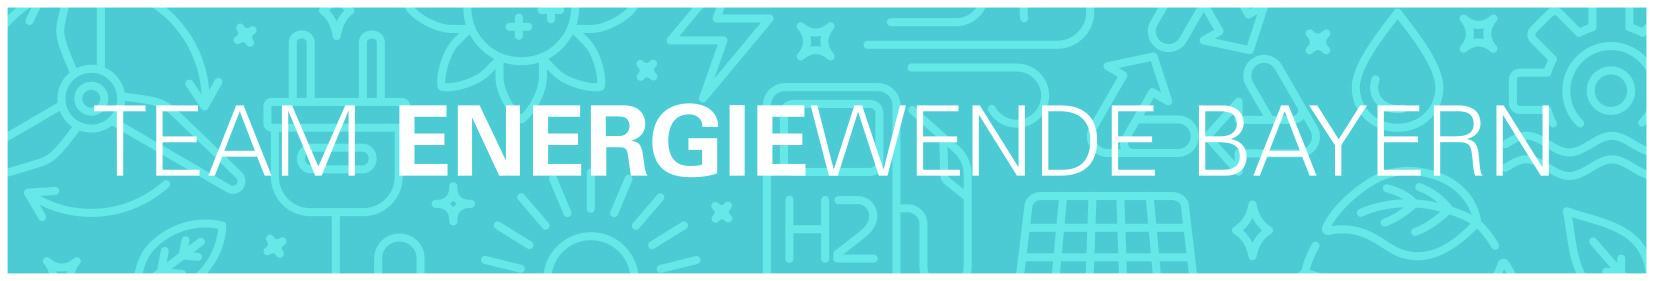 Team Energiewende Bayern, Bildrechte Bayerisches Staatsministerium für Wirtschaft, Landesentwicklung und Energie